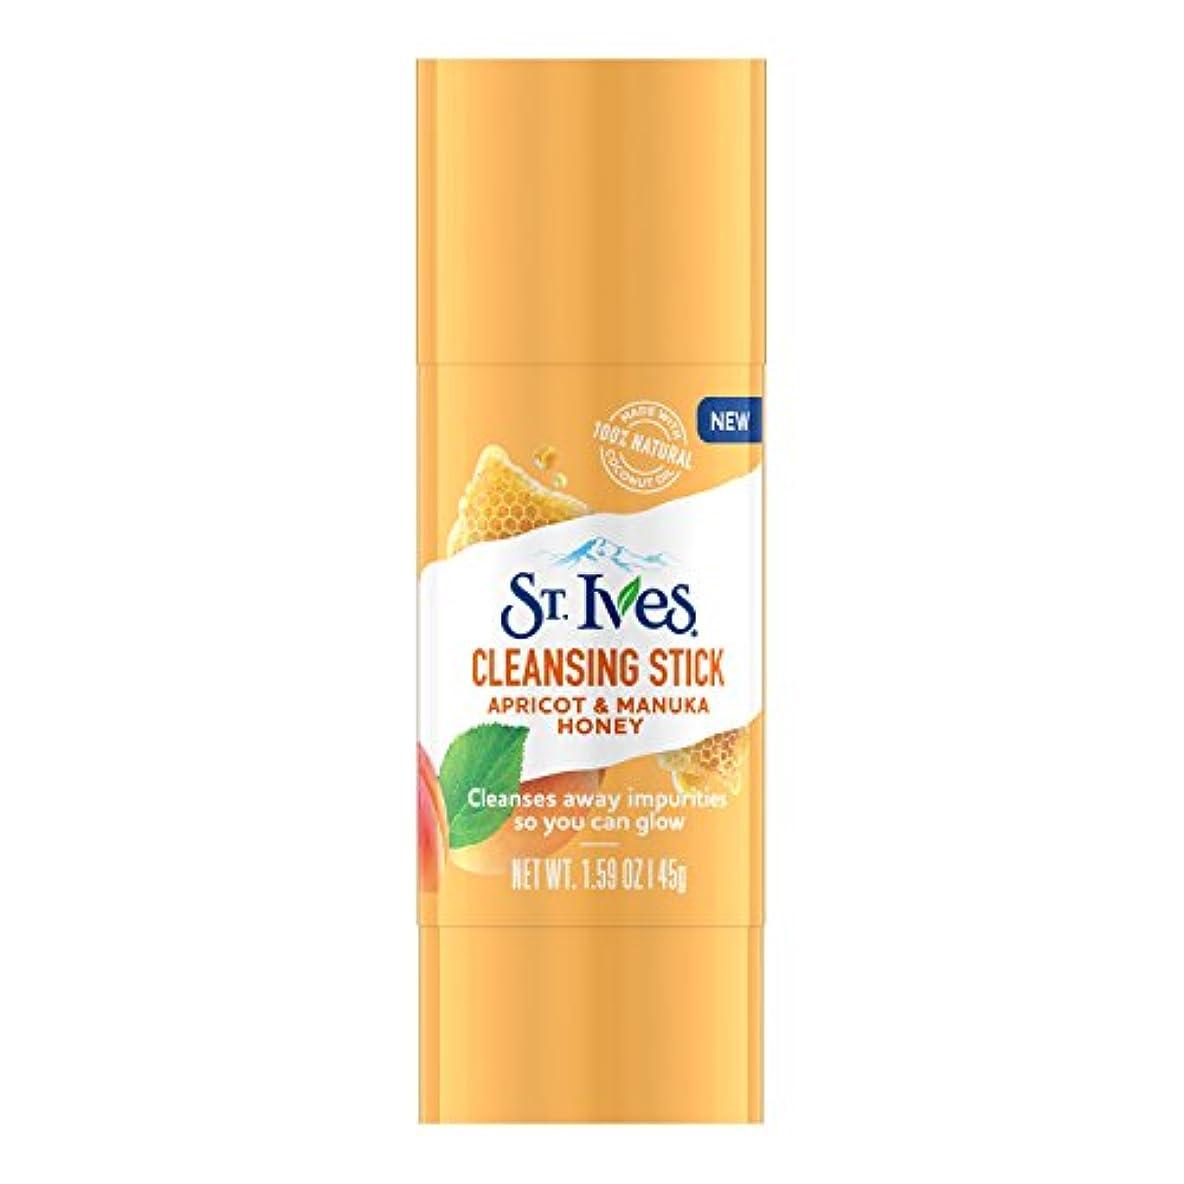 内なる上げるポーチSt. Ives クレンジングスティック 最新コリアンビューティートレンド 100%ナチュラルココナッツオイルを使った楽しい新しい形の洗顔 45グラム (アプリコット&マヌカハニー)